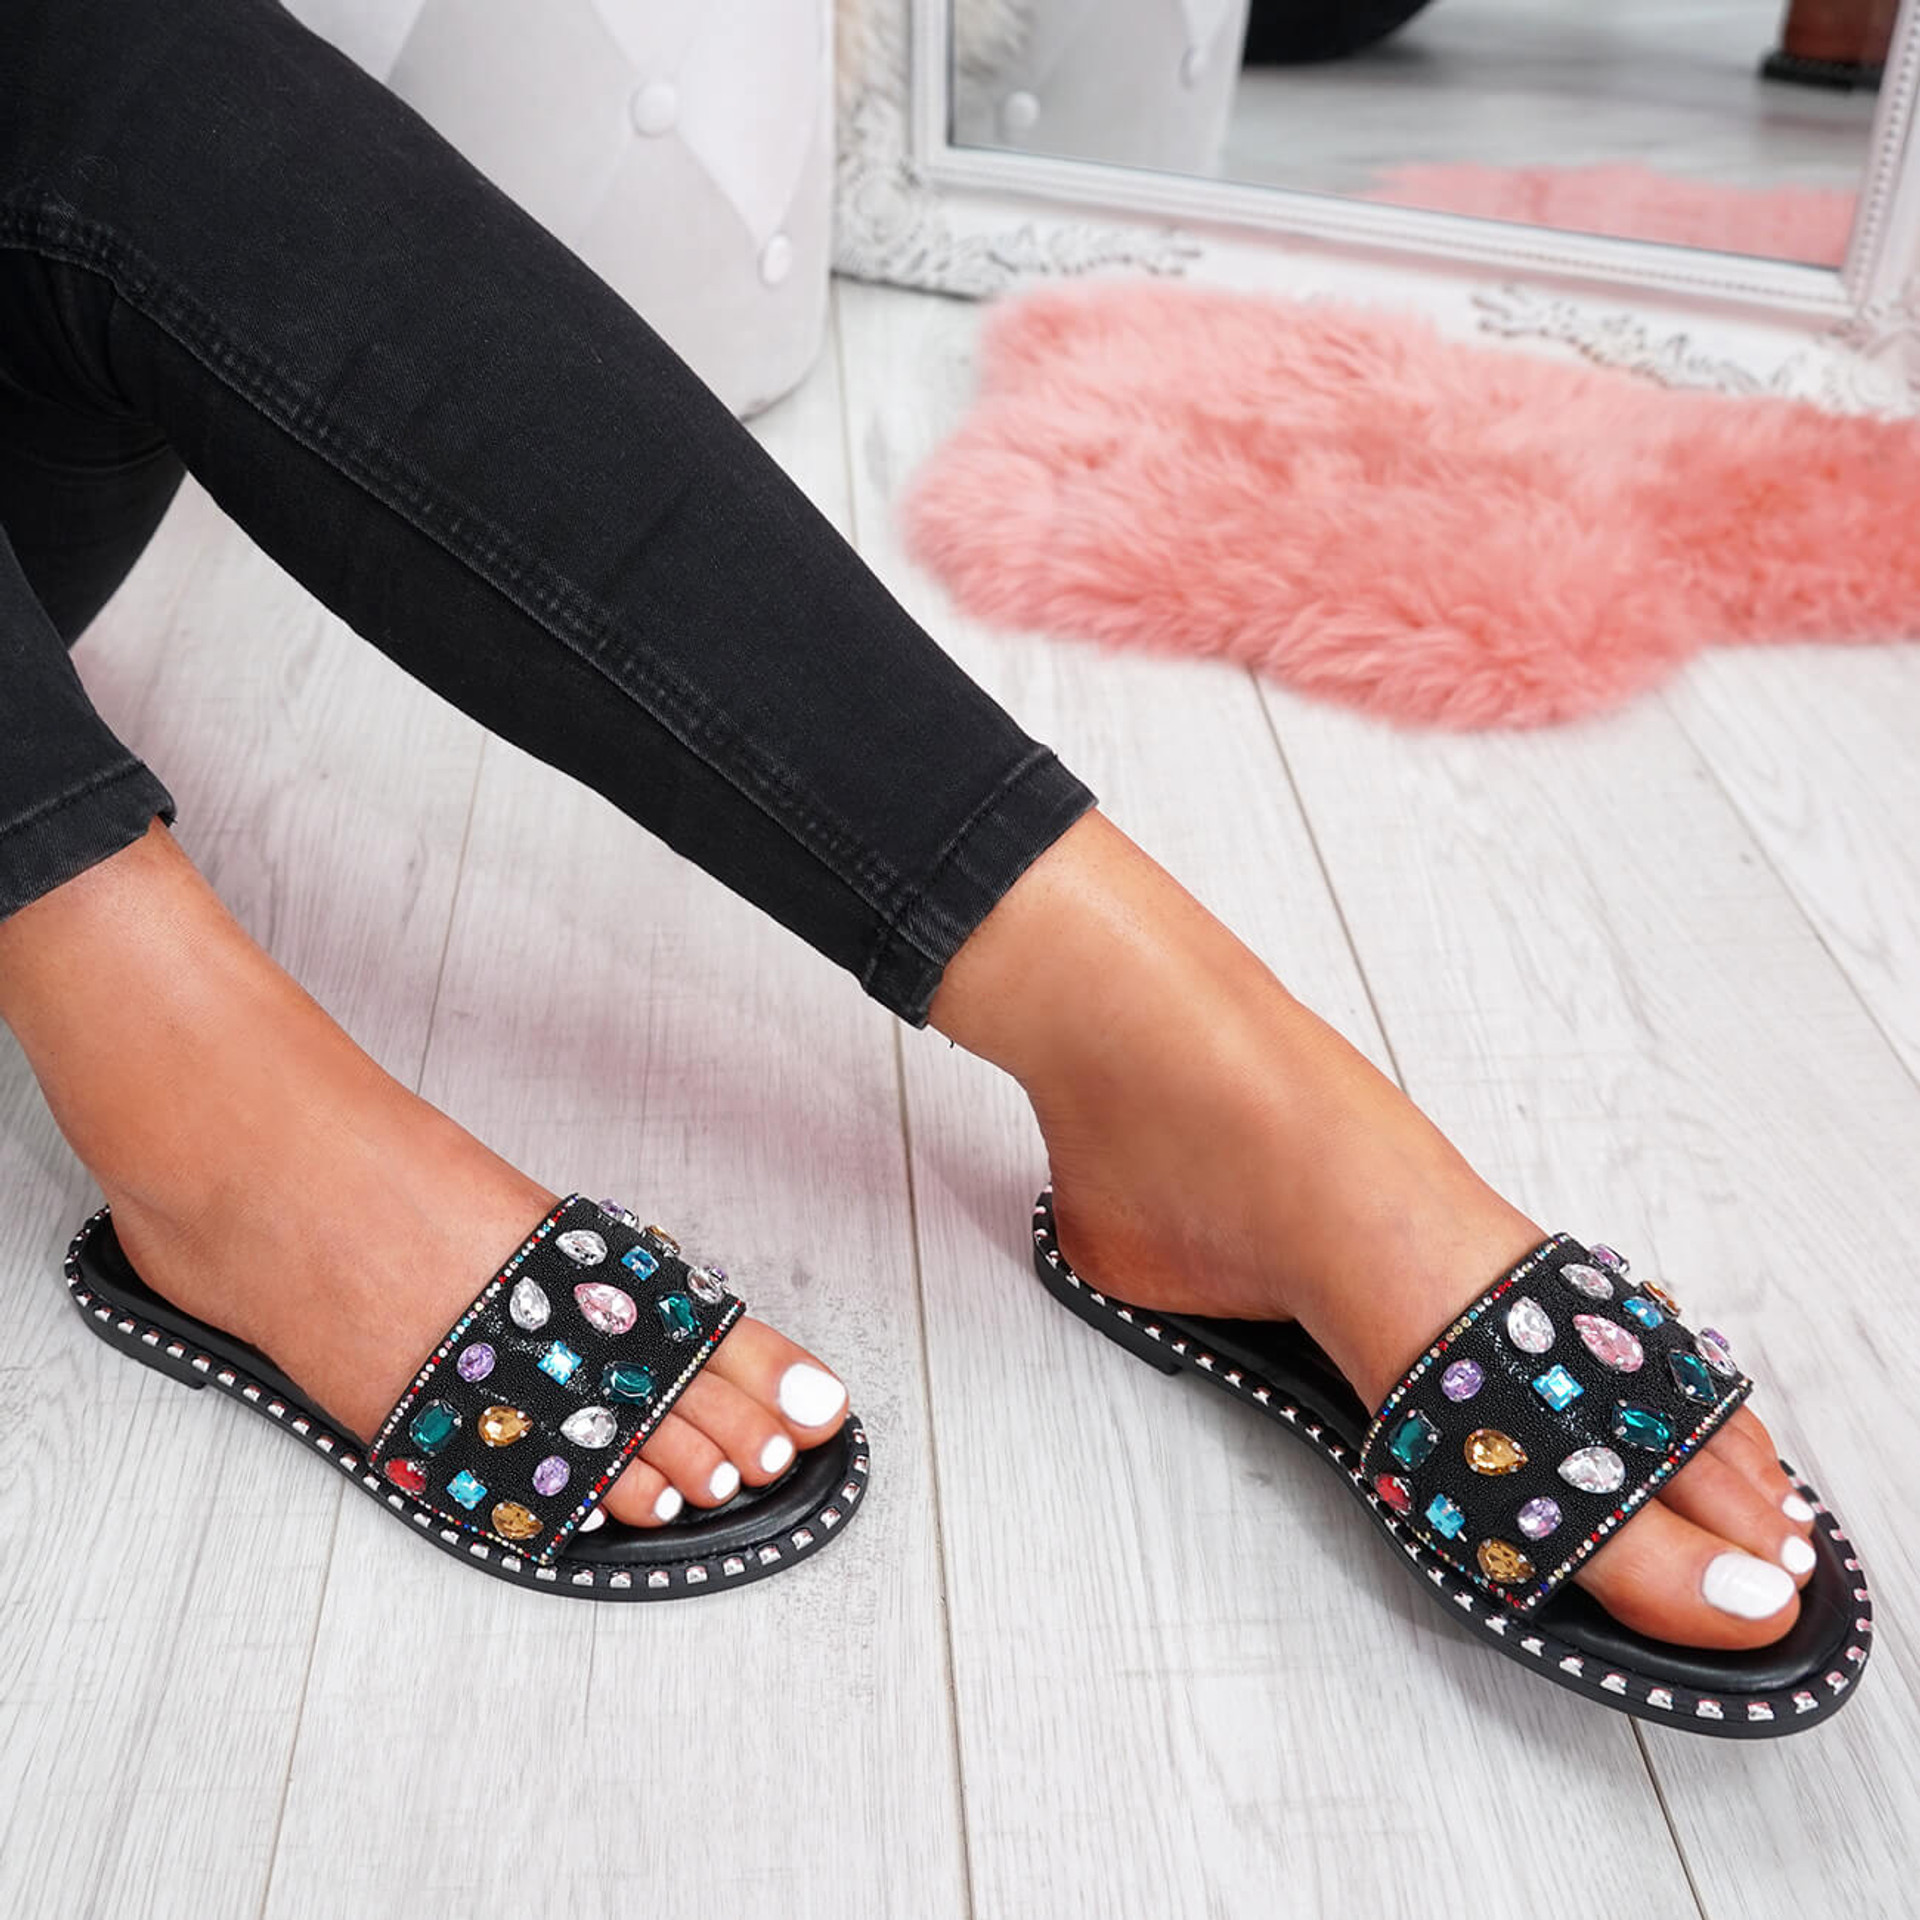 womens black colorful rhinestones studs slip on flat shiny sandals size uk 3 4 5 6 7 8